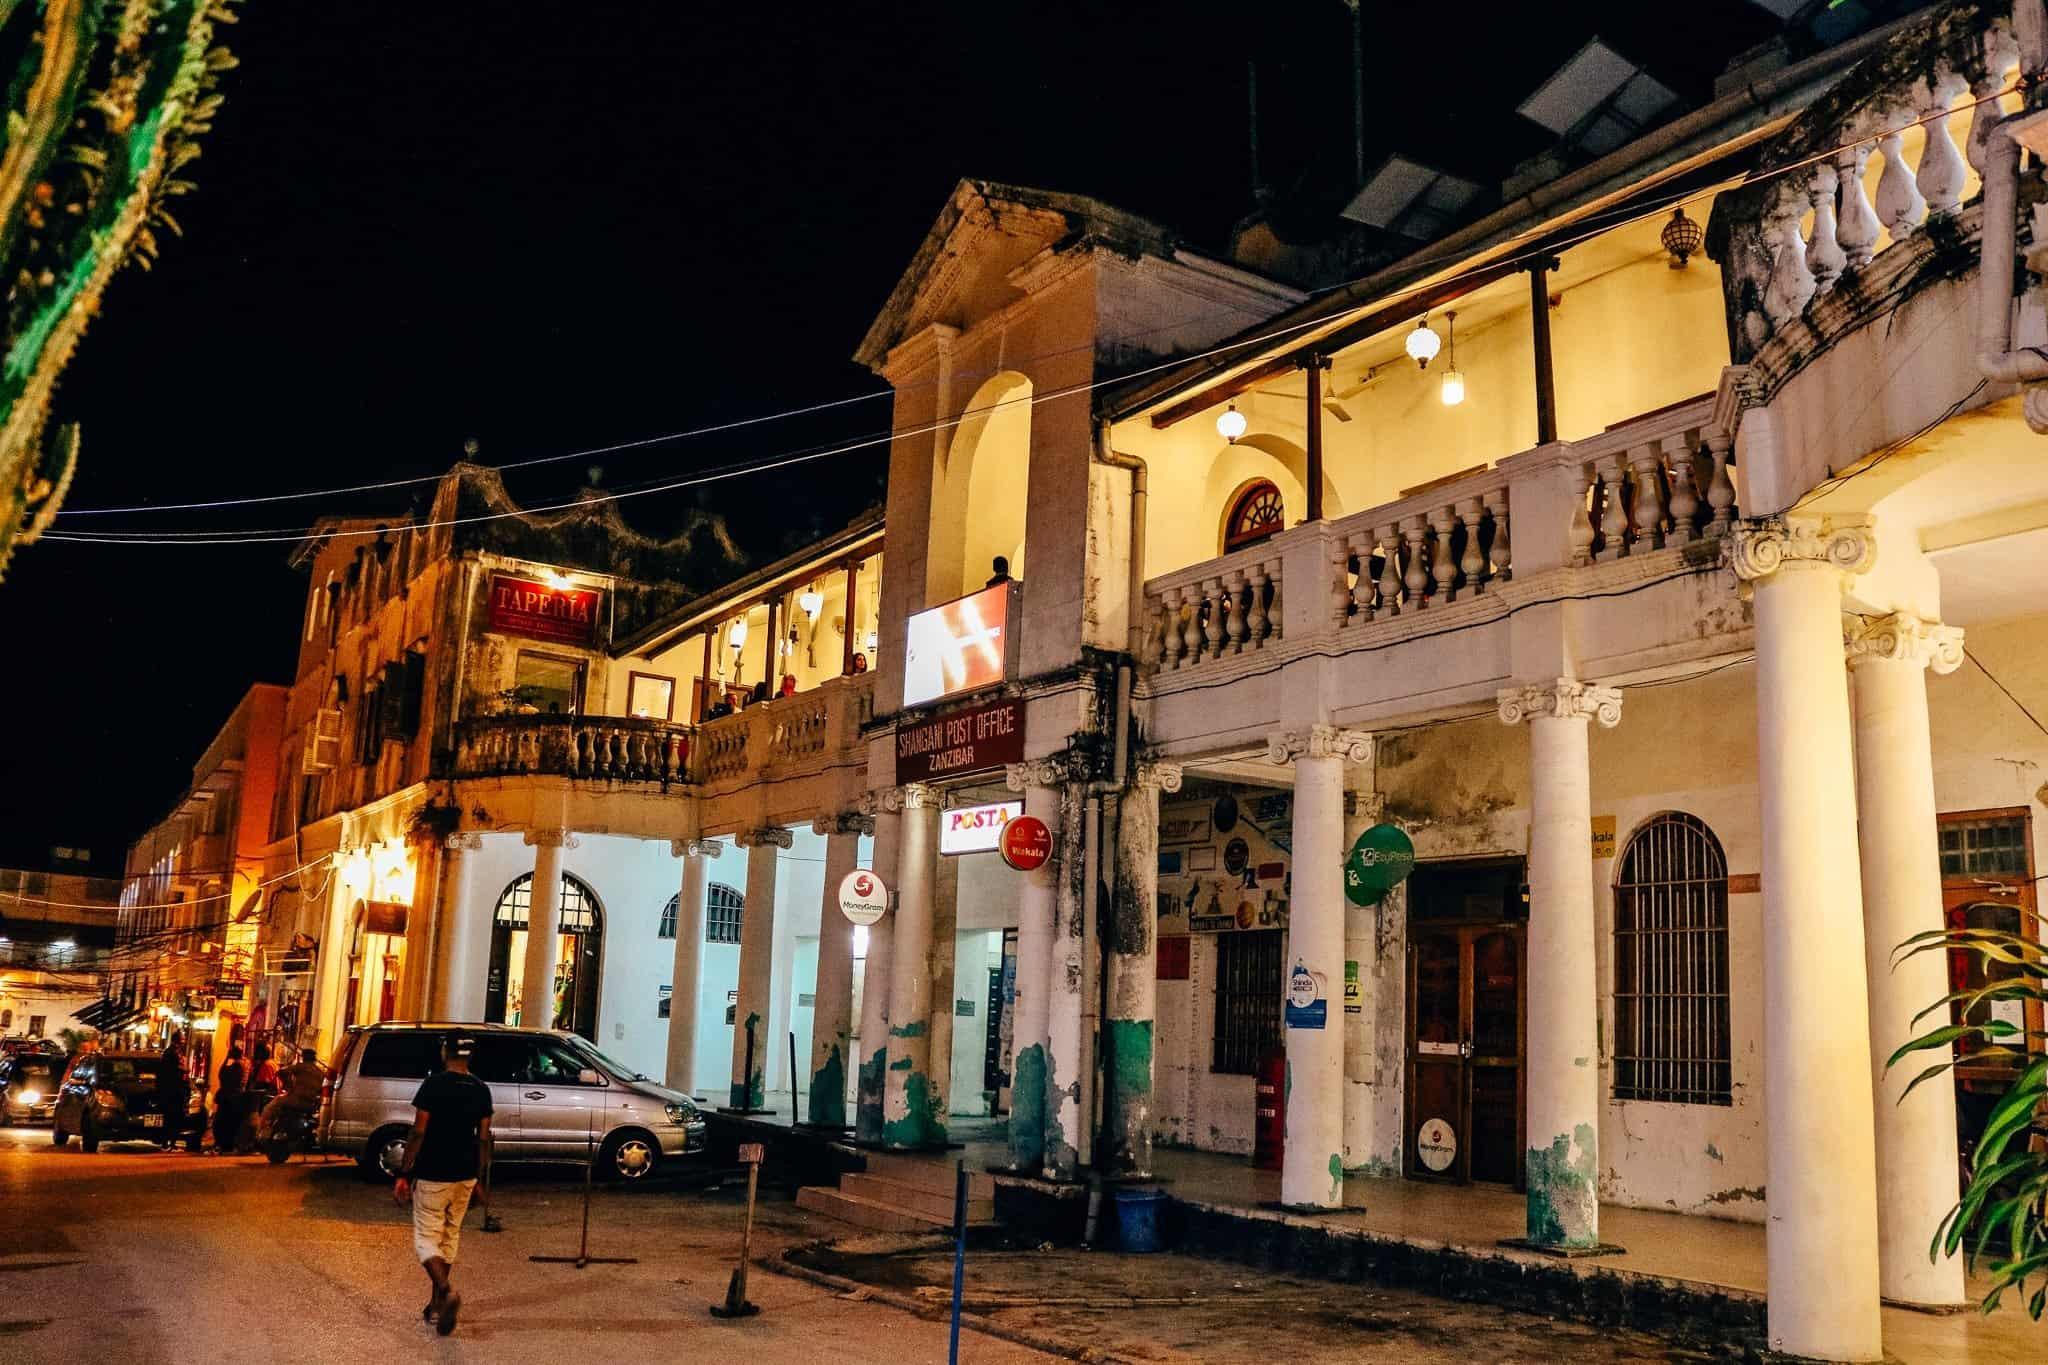 Visions of Zanzibar - Stone Town at Night